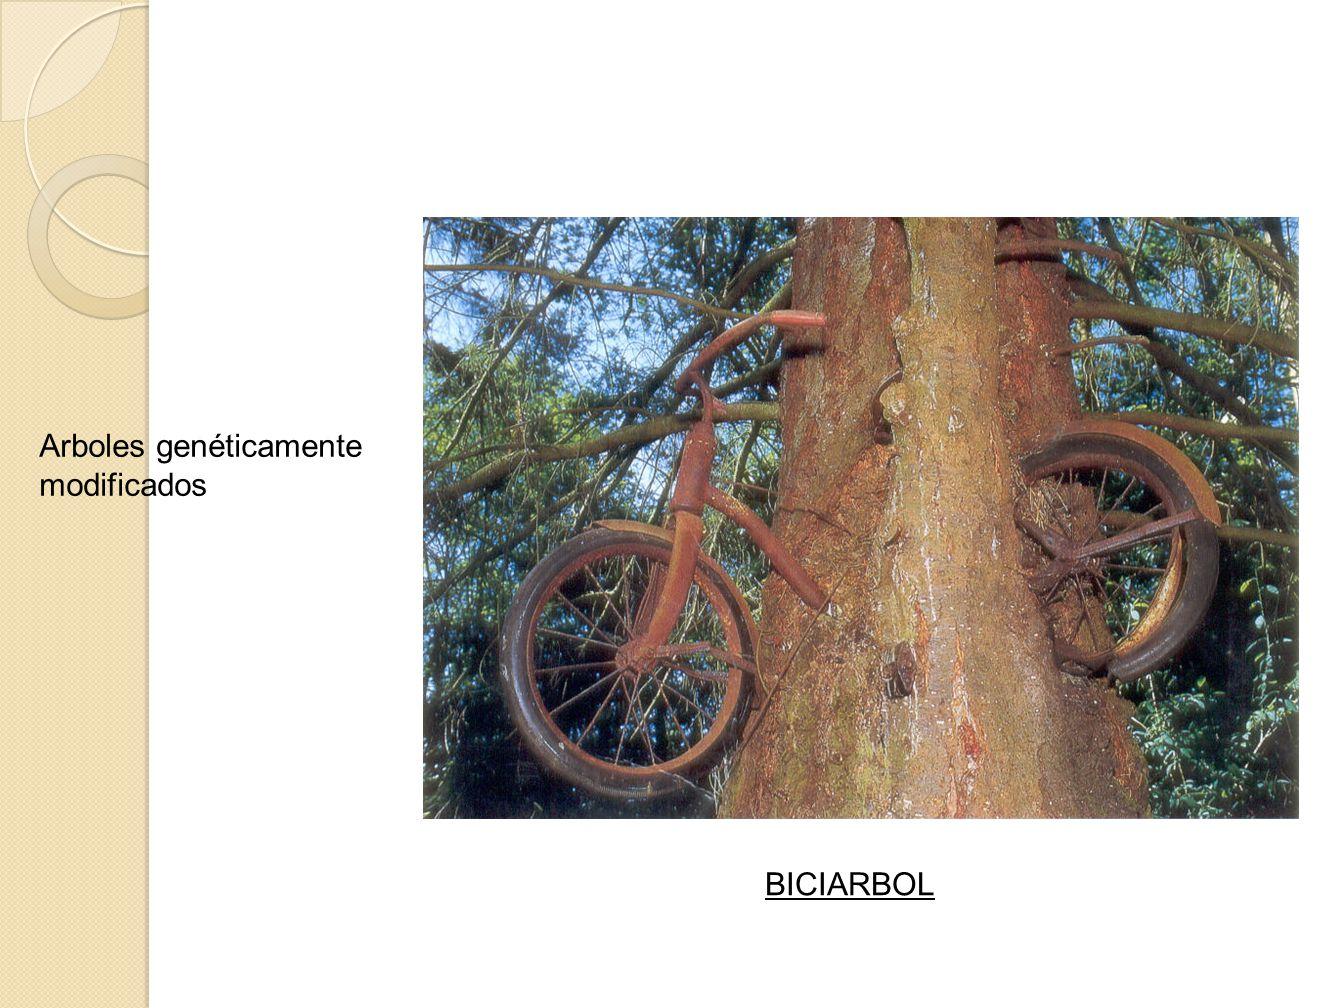 Arboles genéticamente modificados BICIARBOL